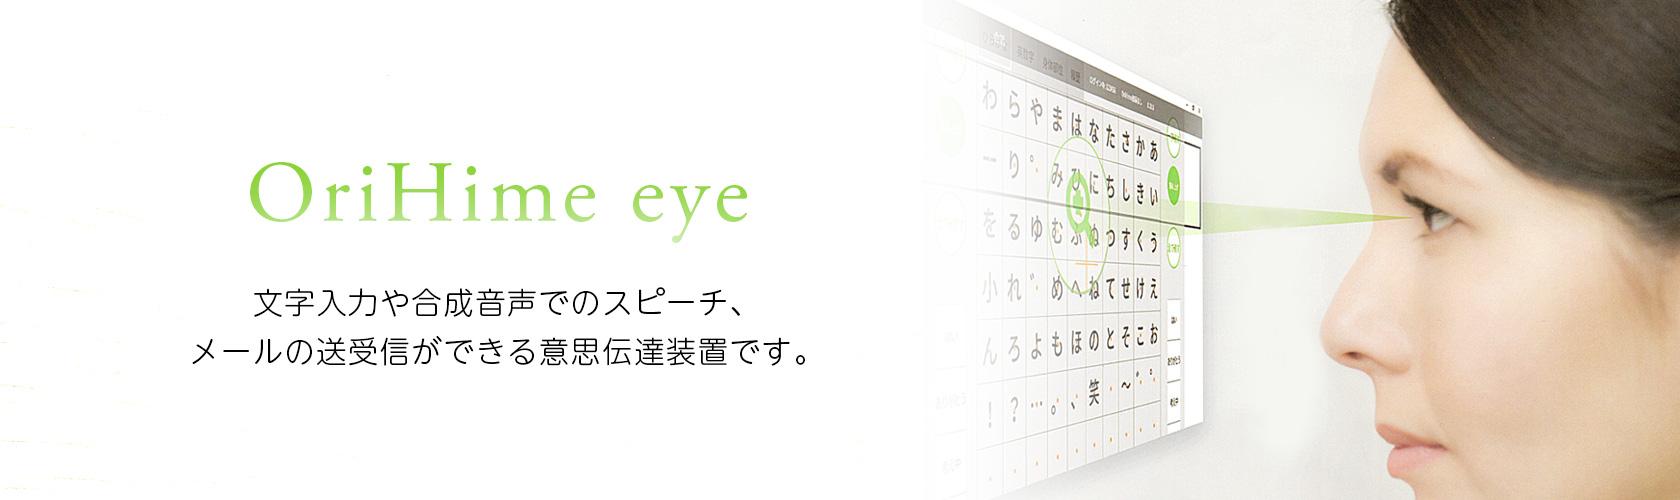 OriHime eye(オリヒメアイ) の販売・取扱い